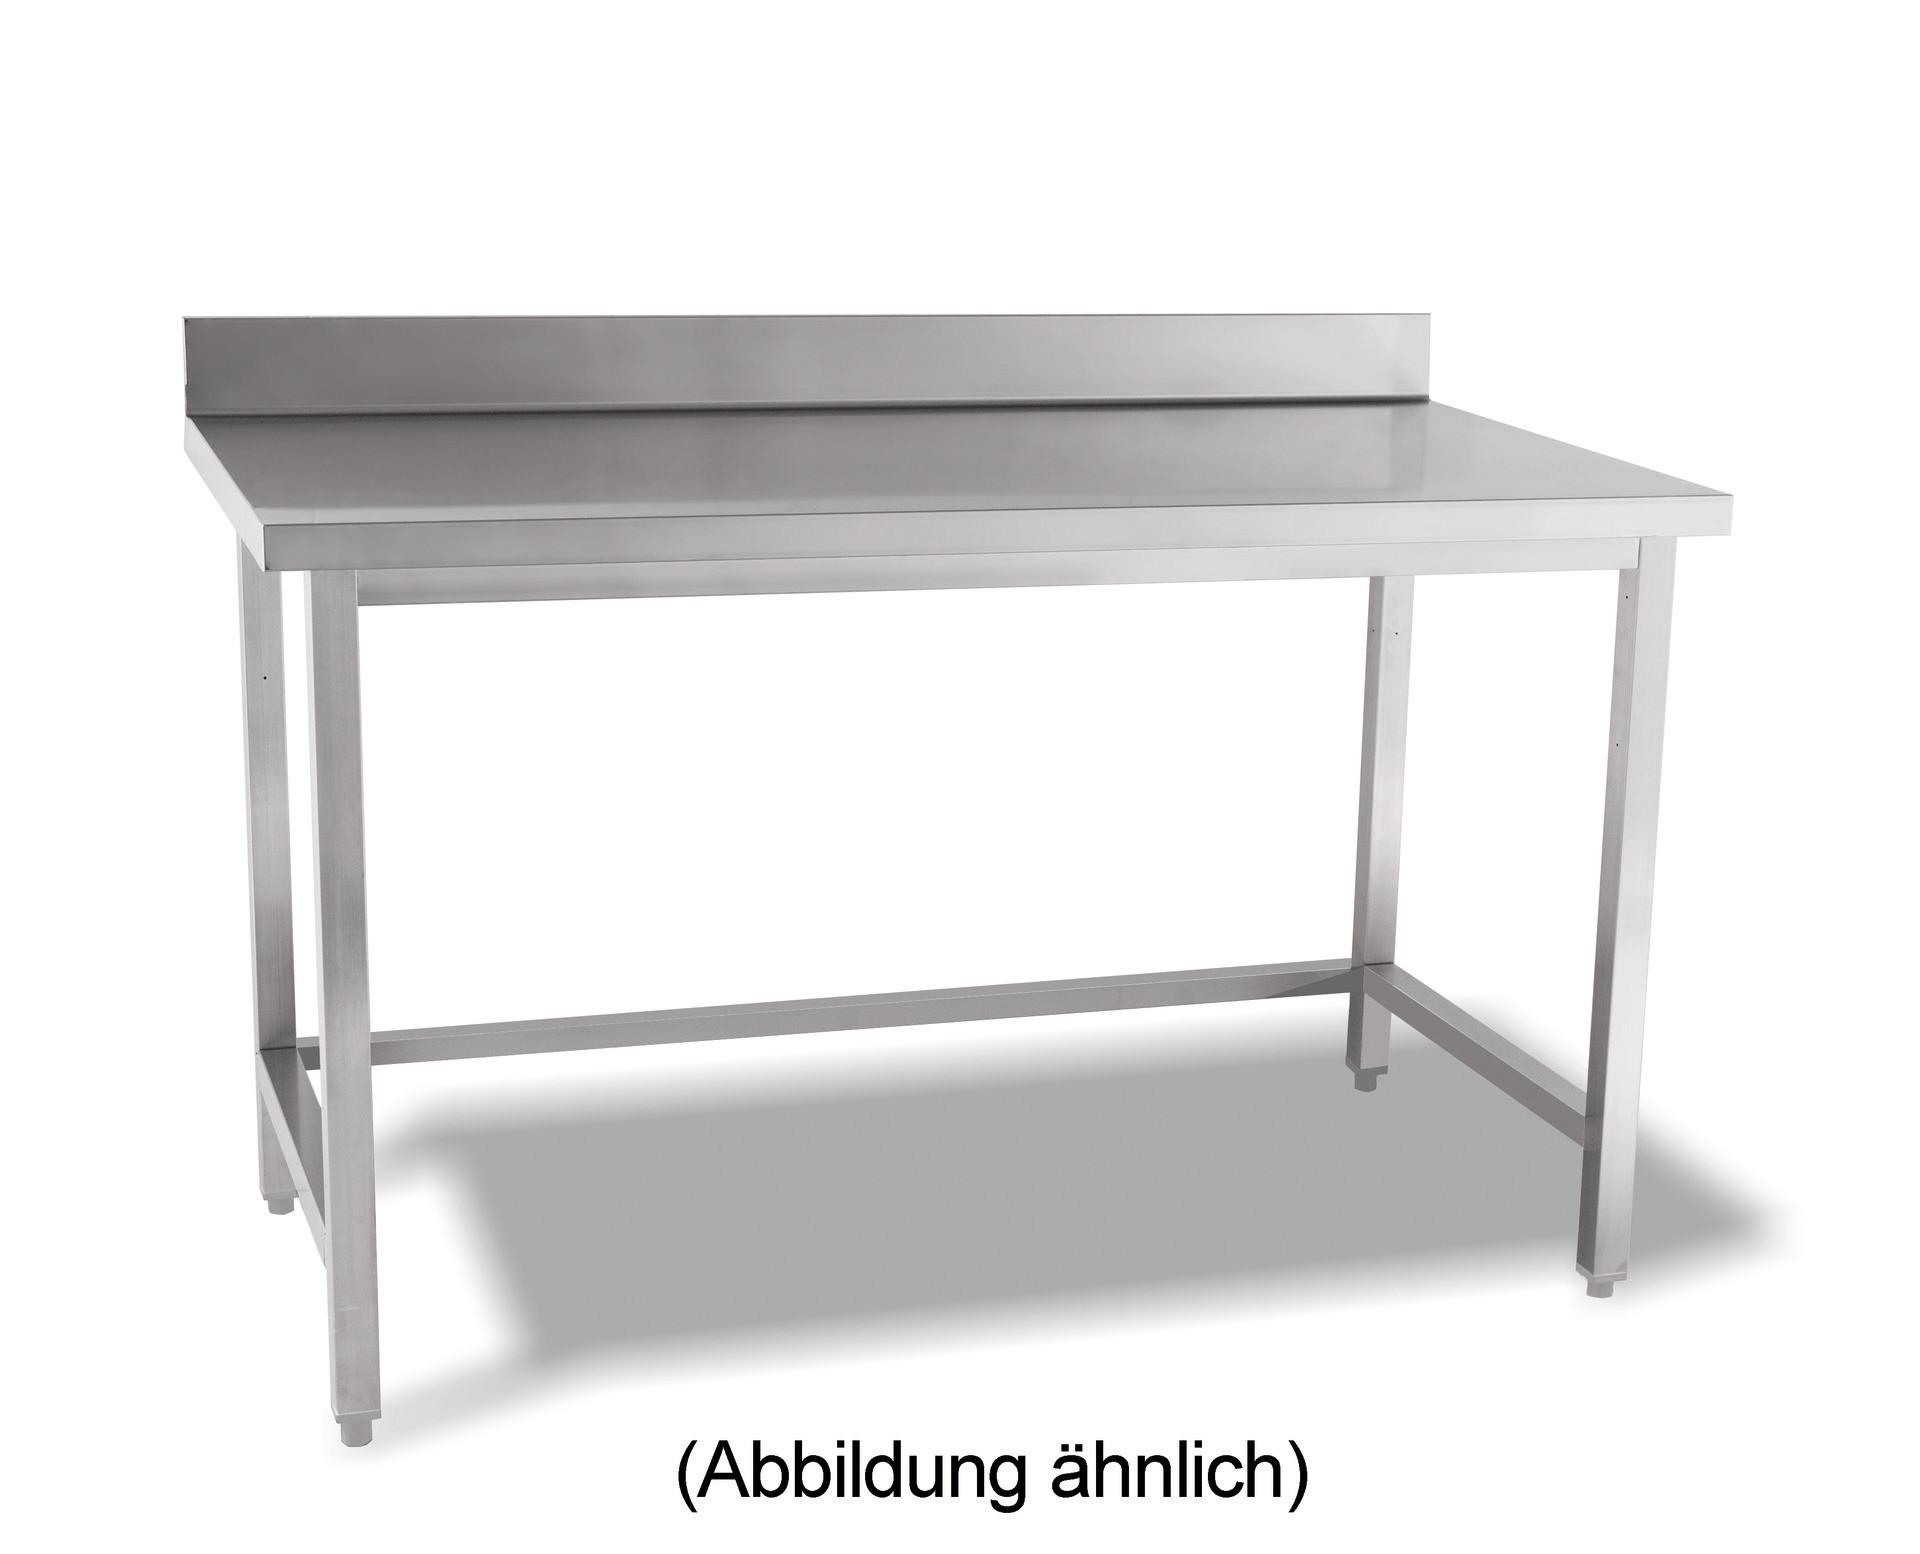 Arbeitstisch verschweißt o. Ablageboden mit 50 mm Aufkantung 1100 x 700 x 850 mm